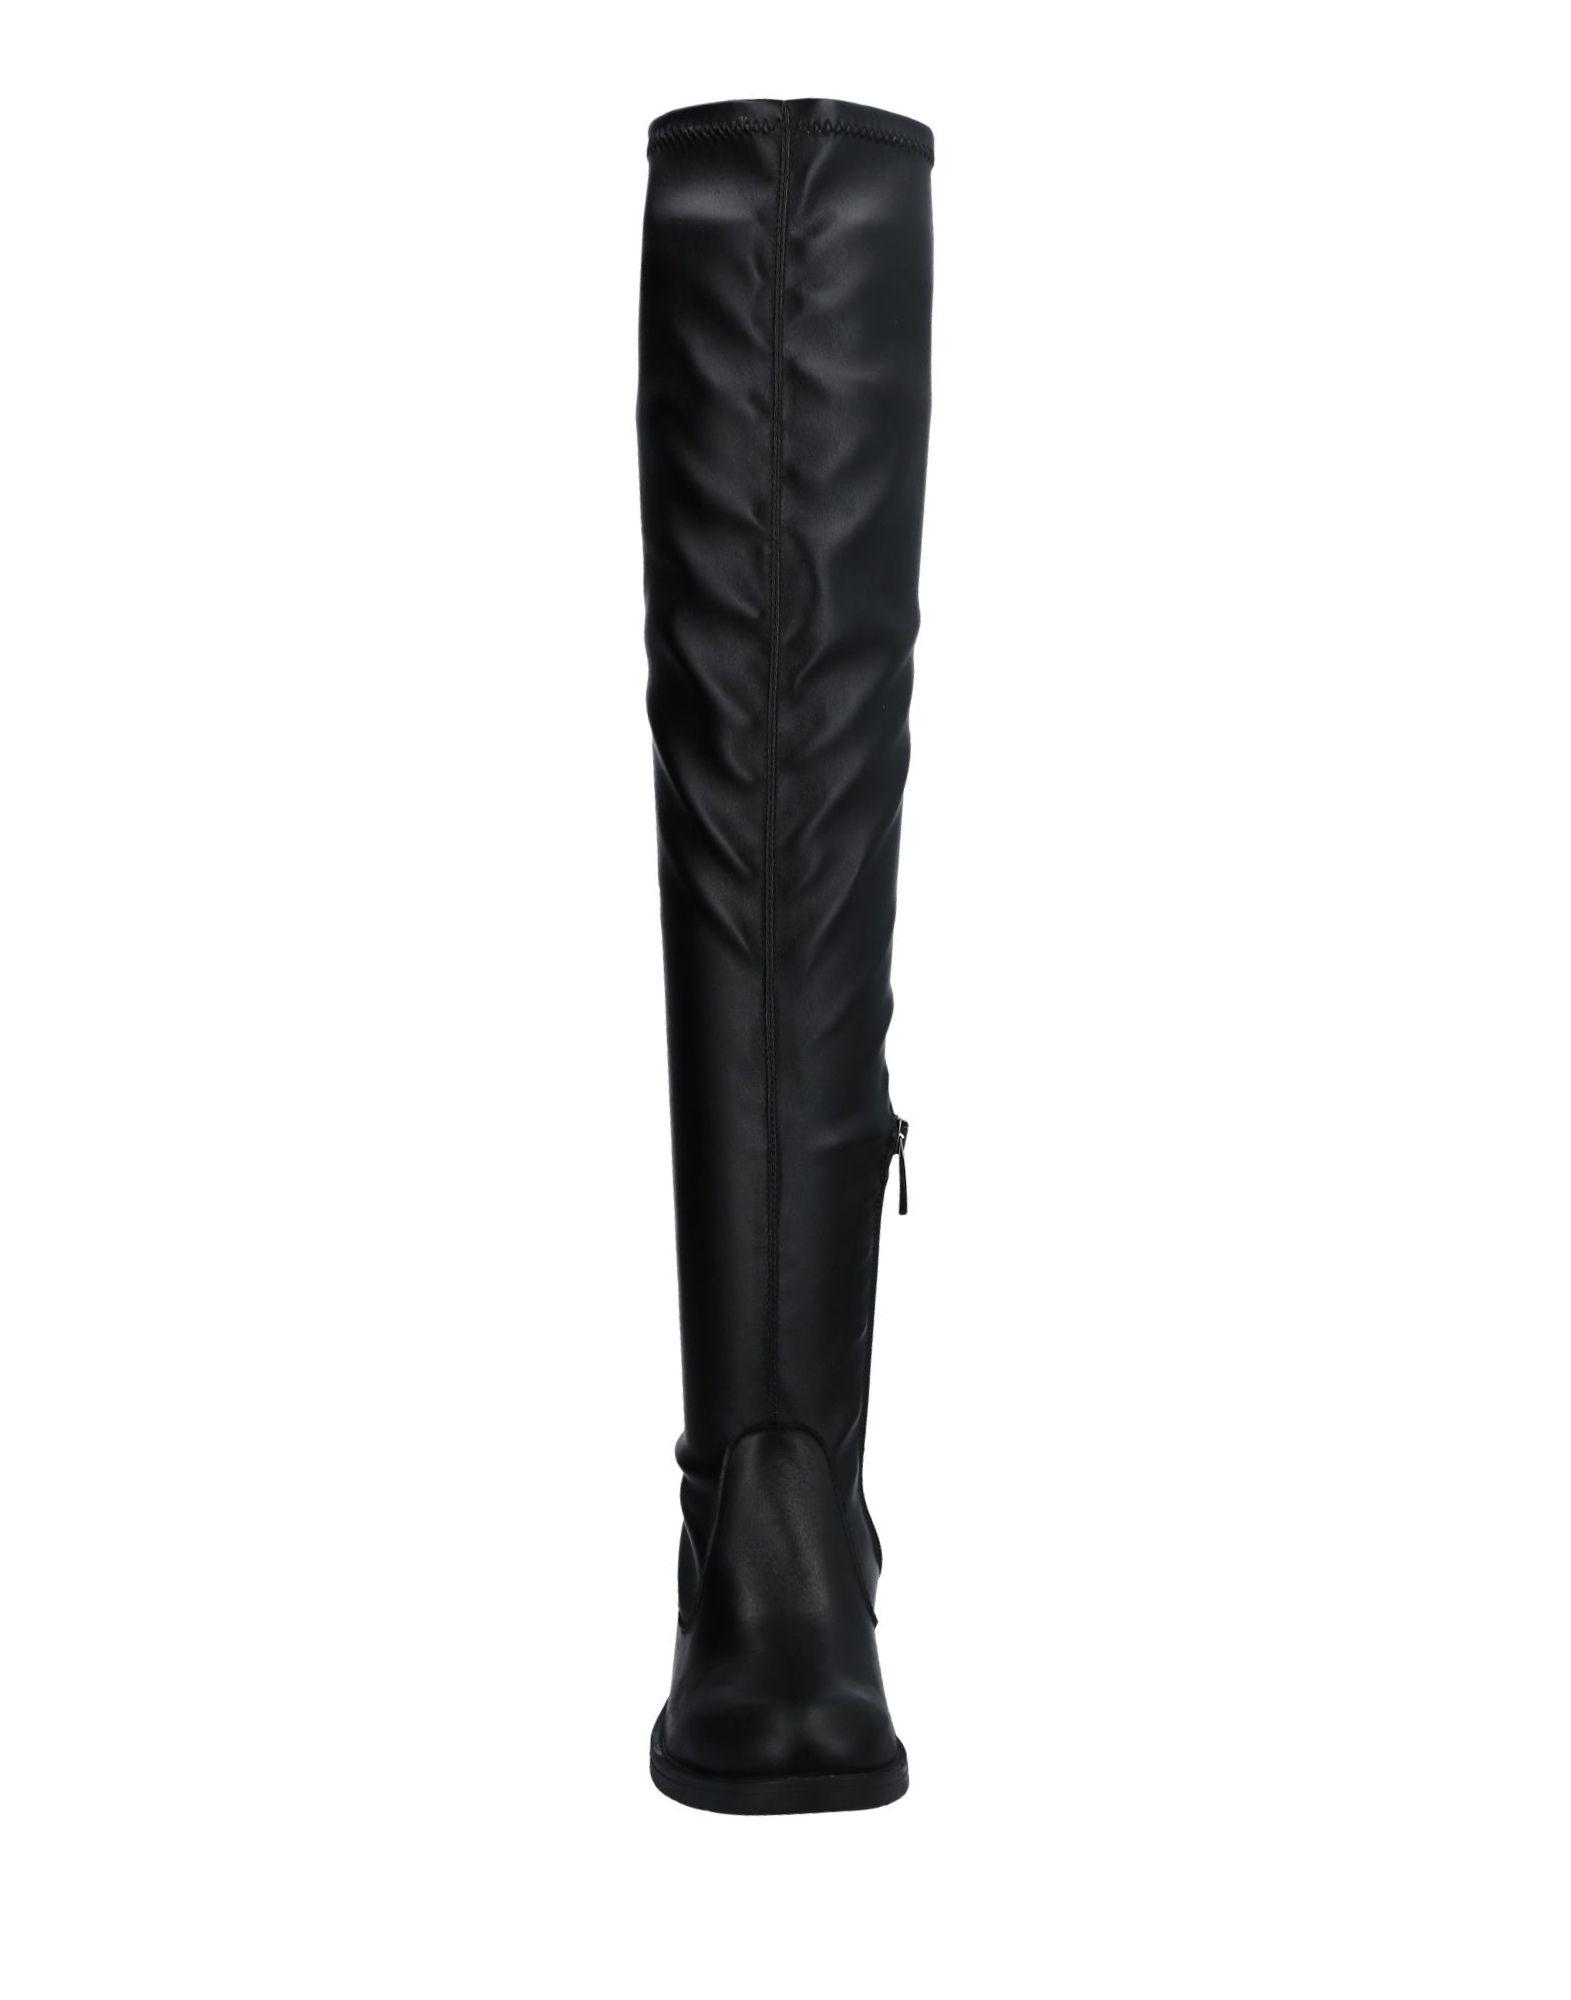 ... Gut um Stiefel billige Schuhe zu tragenLiu •Jo Shoes Stiefel um Damen  11509995NJ 89febe 2f93b8adc8